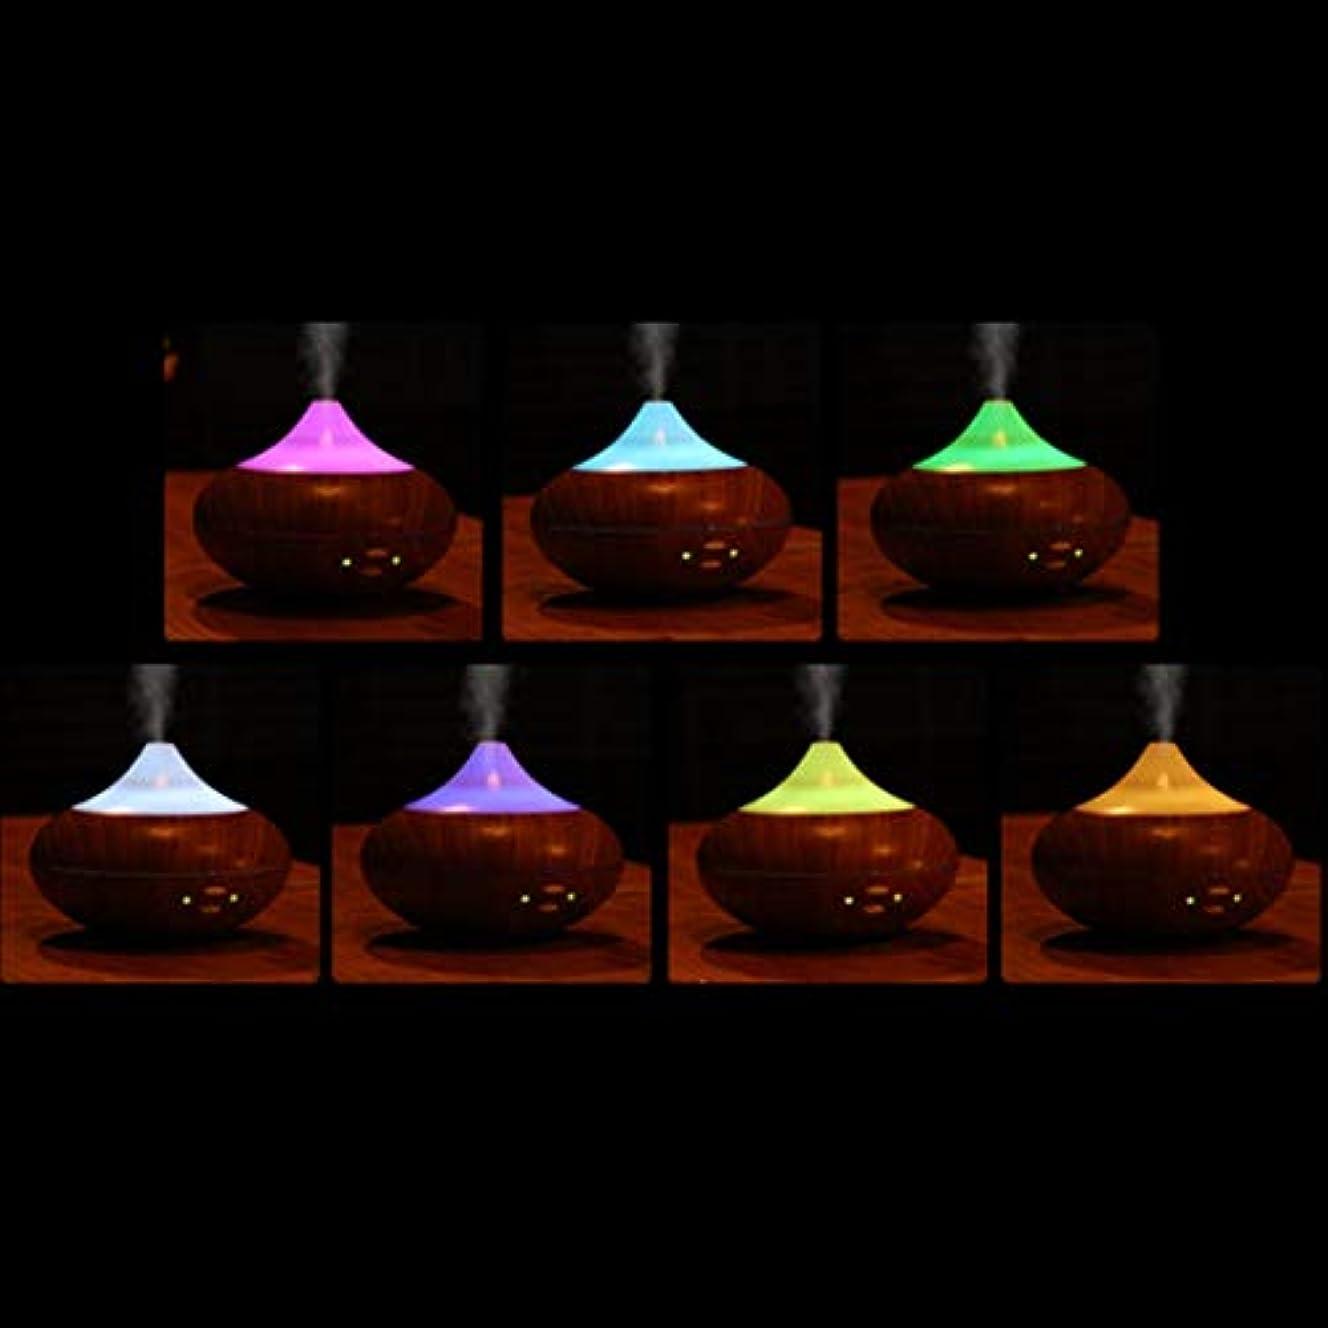 染色だらしない確執ウッドカラーled超音波サウンドスマートアロマディフューザーエッセンシャルオイルエアディフューザー加湿器アロマミスト用ホームオフィス(ウッドカラー)